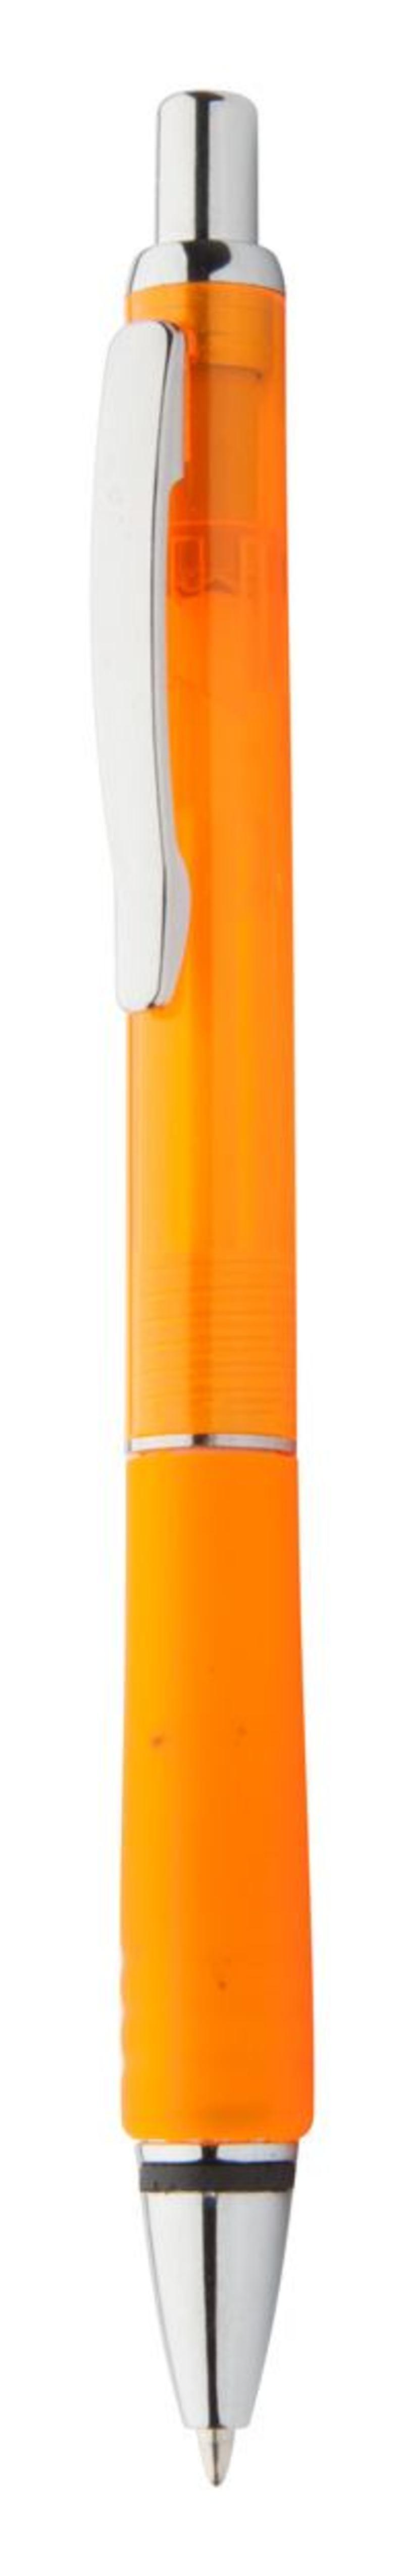 Kolder ballpoint pen